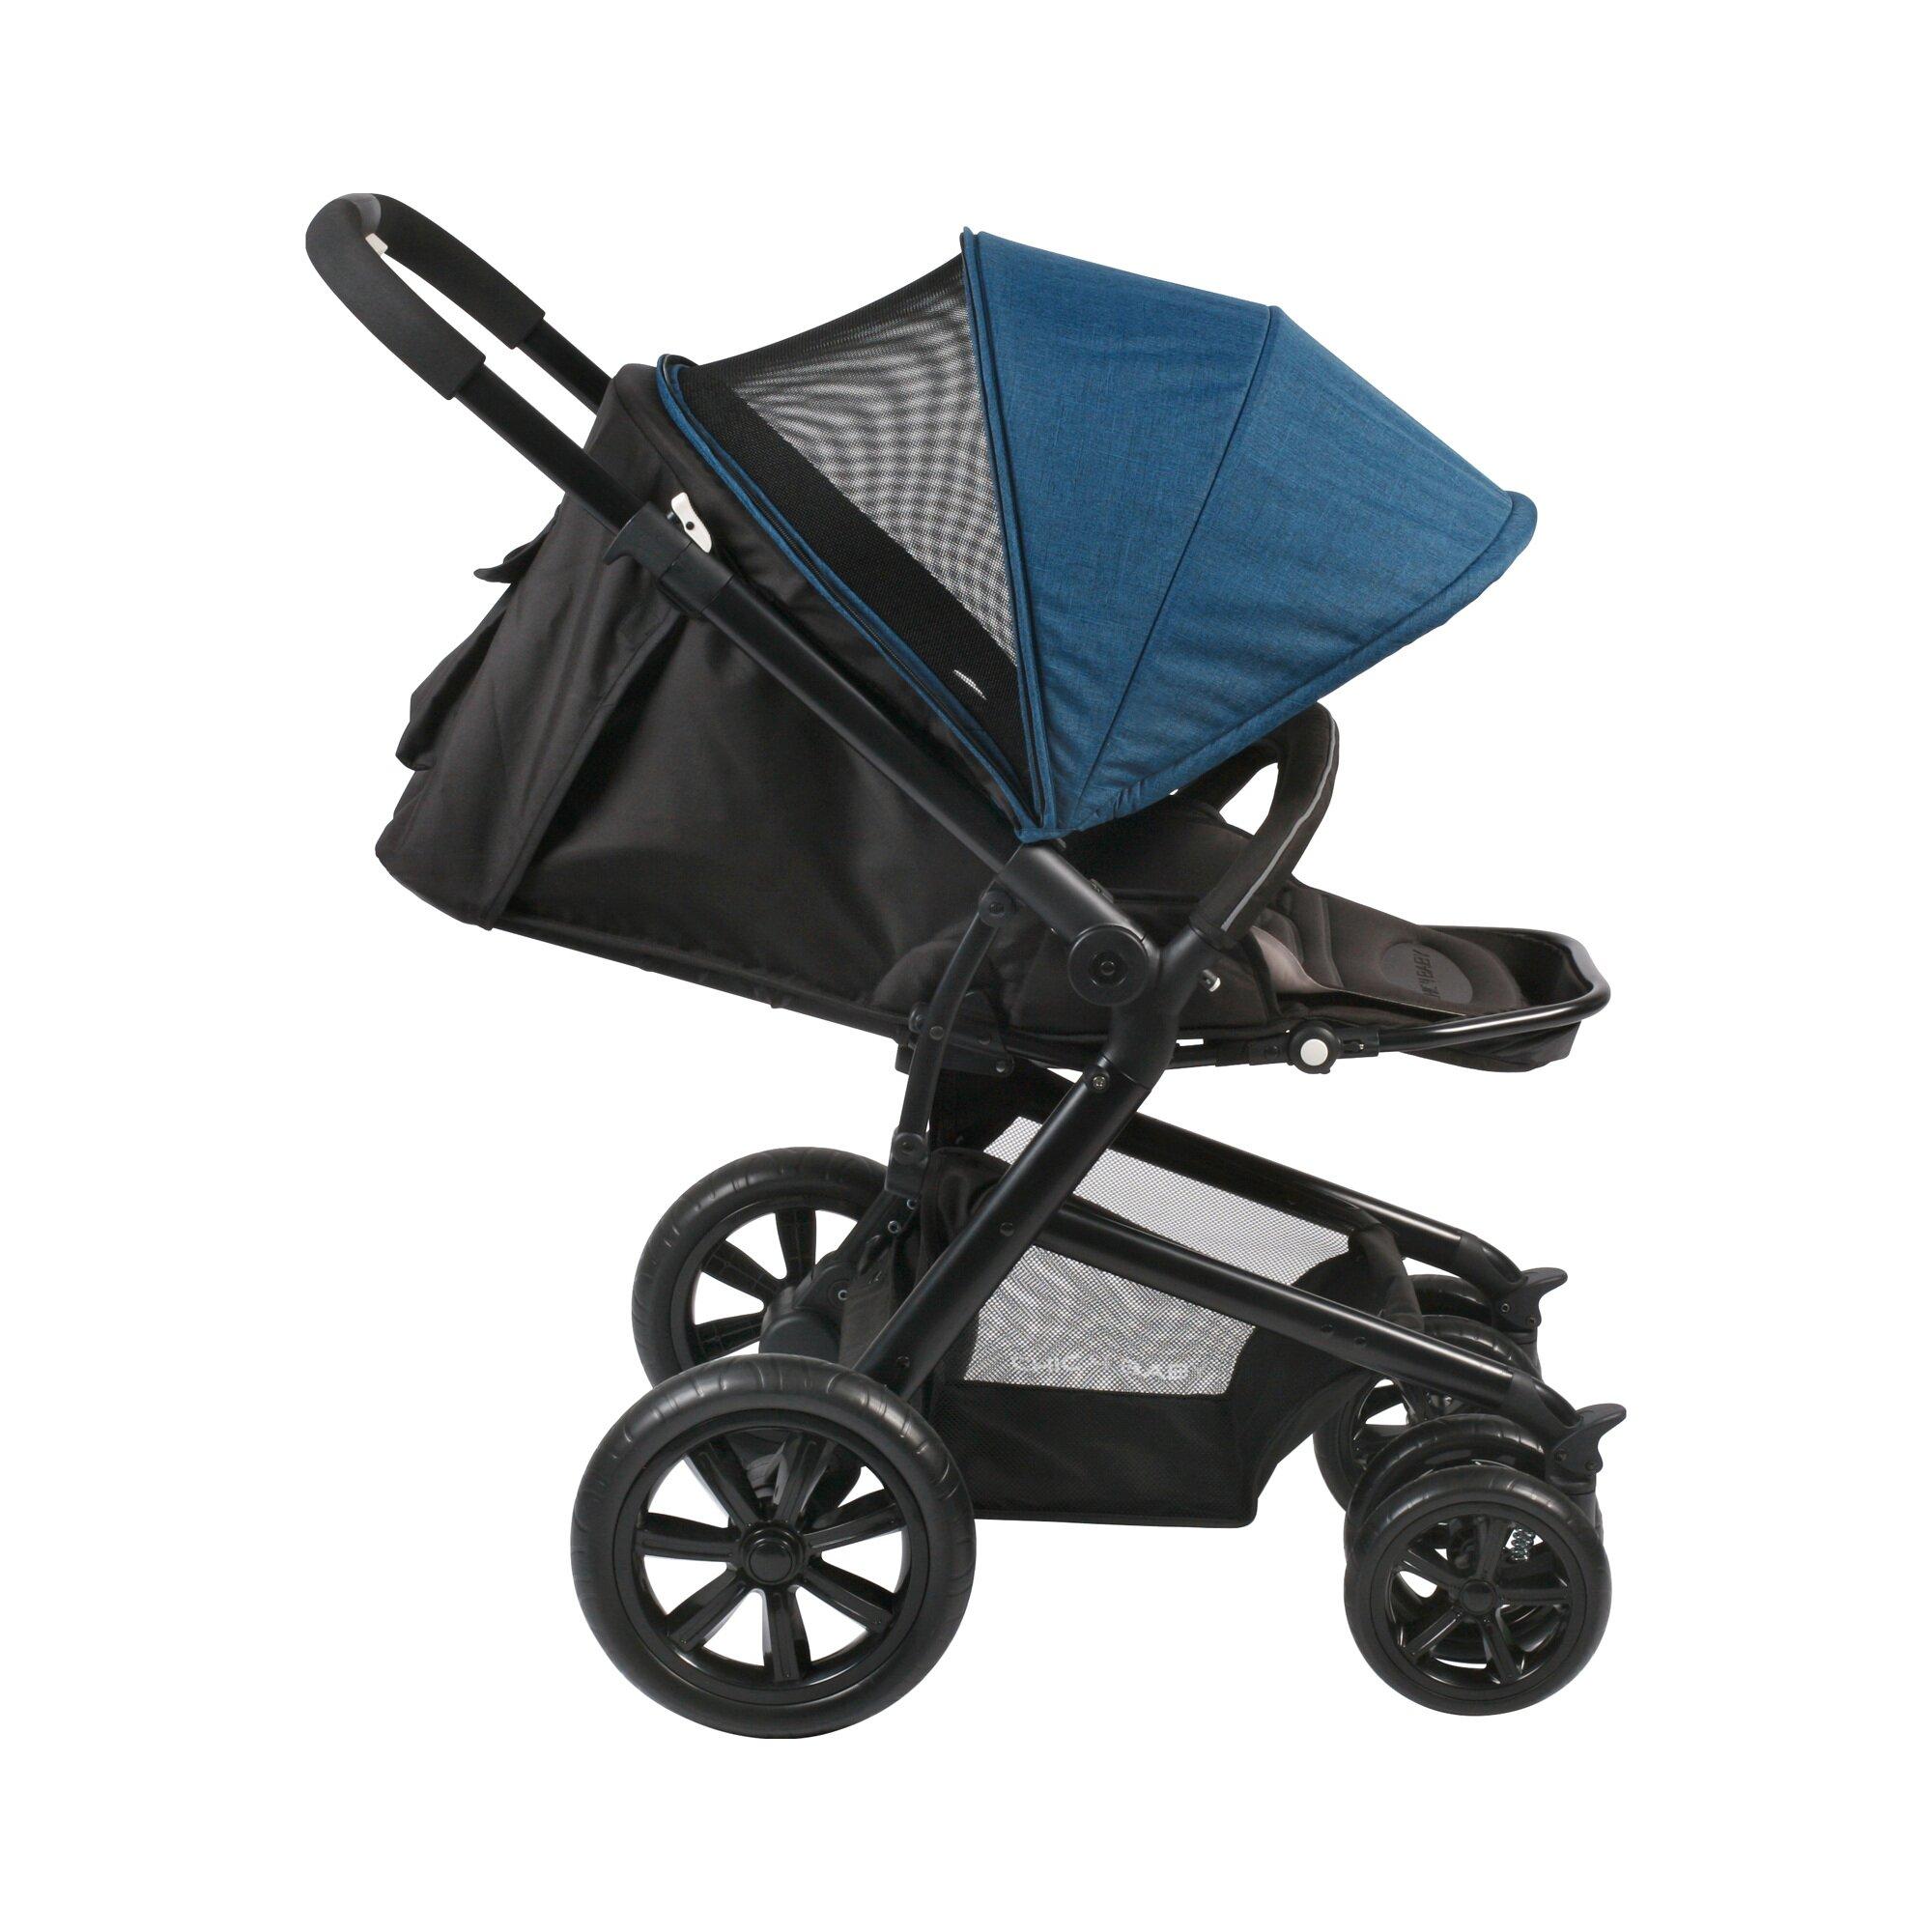 chic-4-baby-pronto-kinderwagen-sportwagen-design-2018-blau